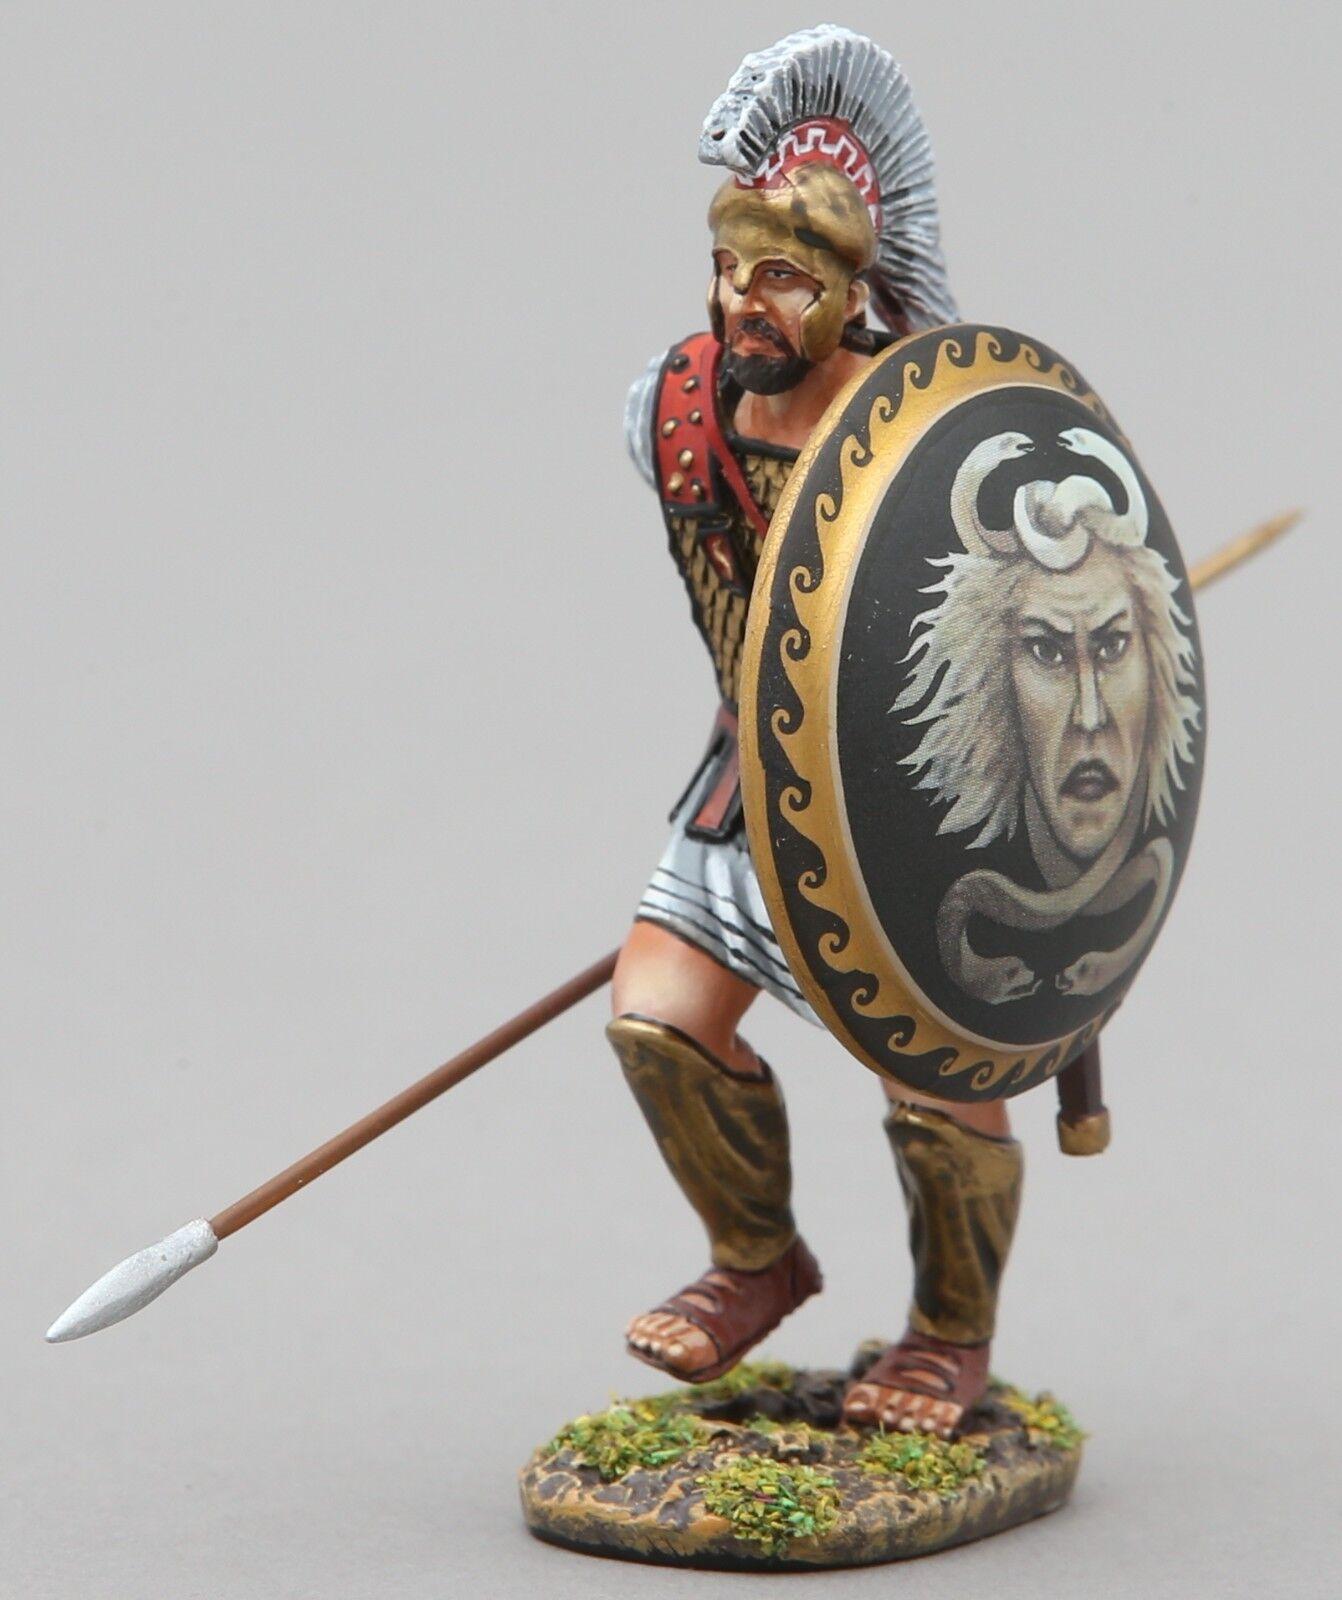 Thomas Gunn Antico Greci & Persiani SPA032B Spartan Caricamento Medusa Scudo MIB